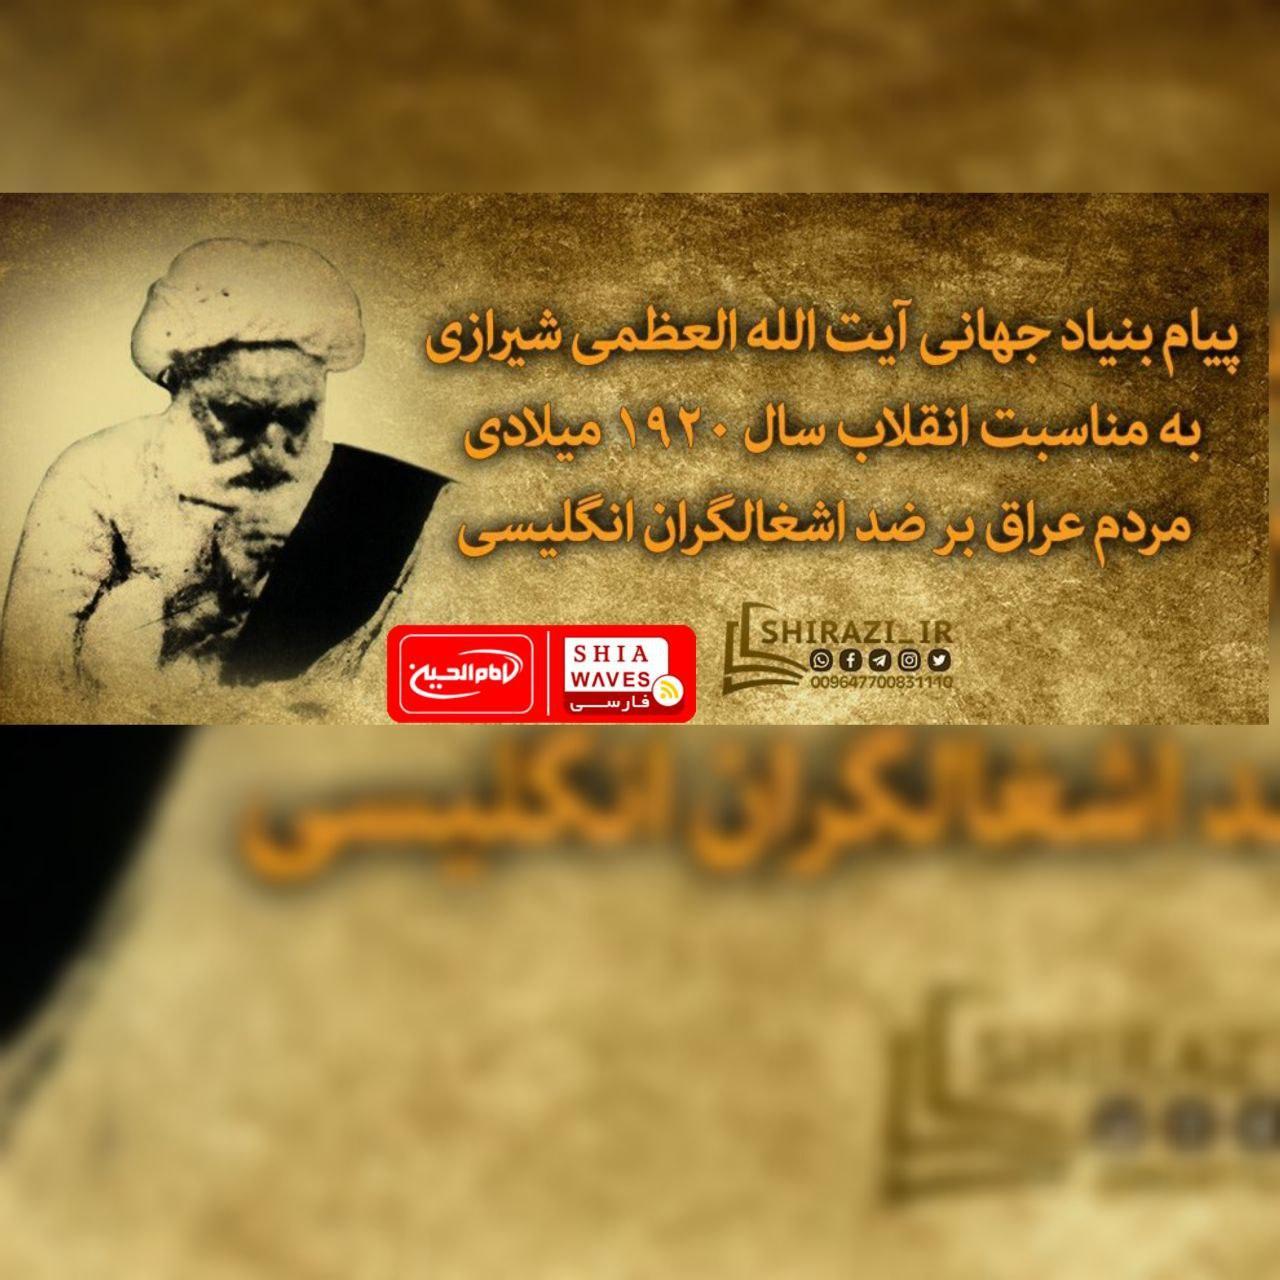 تصویر بیانیه بنياد جهانی آيت الله العظمی شيرازی به مناسبت انقلاب سال 1920 ميلادی مردم عراق